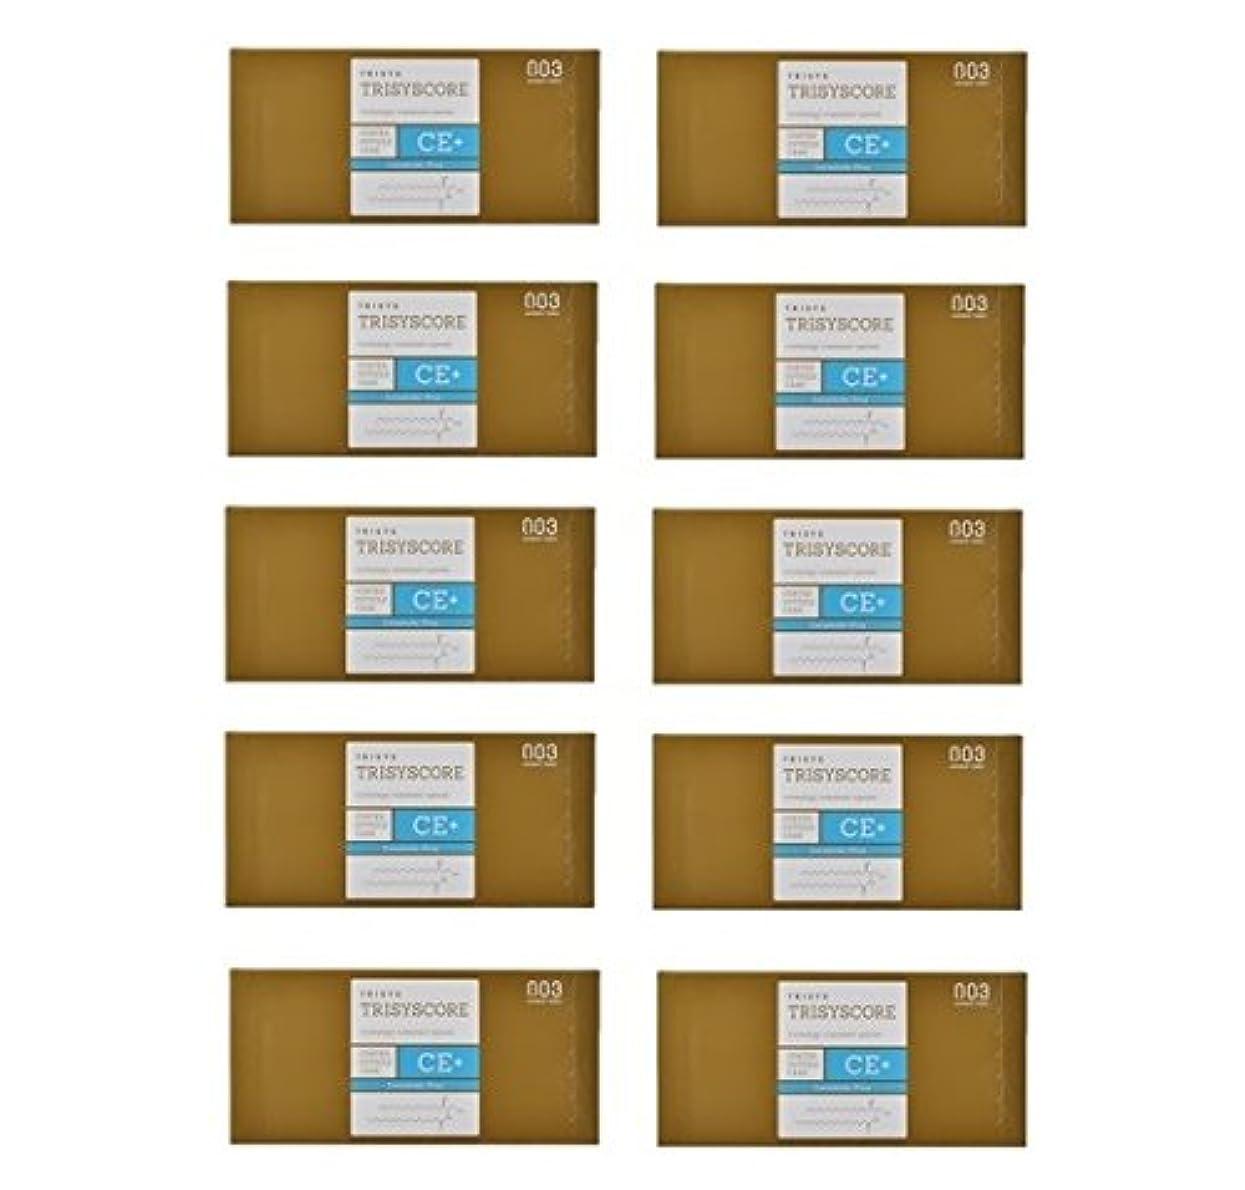 ダンス通知するアコード【X10個セット】ナンバースリー トリシスコア CEプラス (ヘアトリートメント) 12g × 4包入り